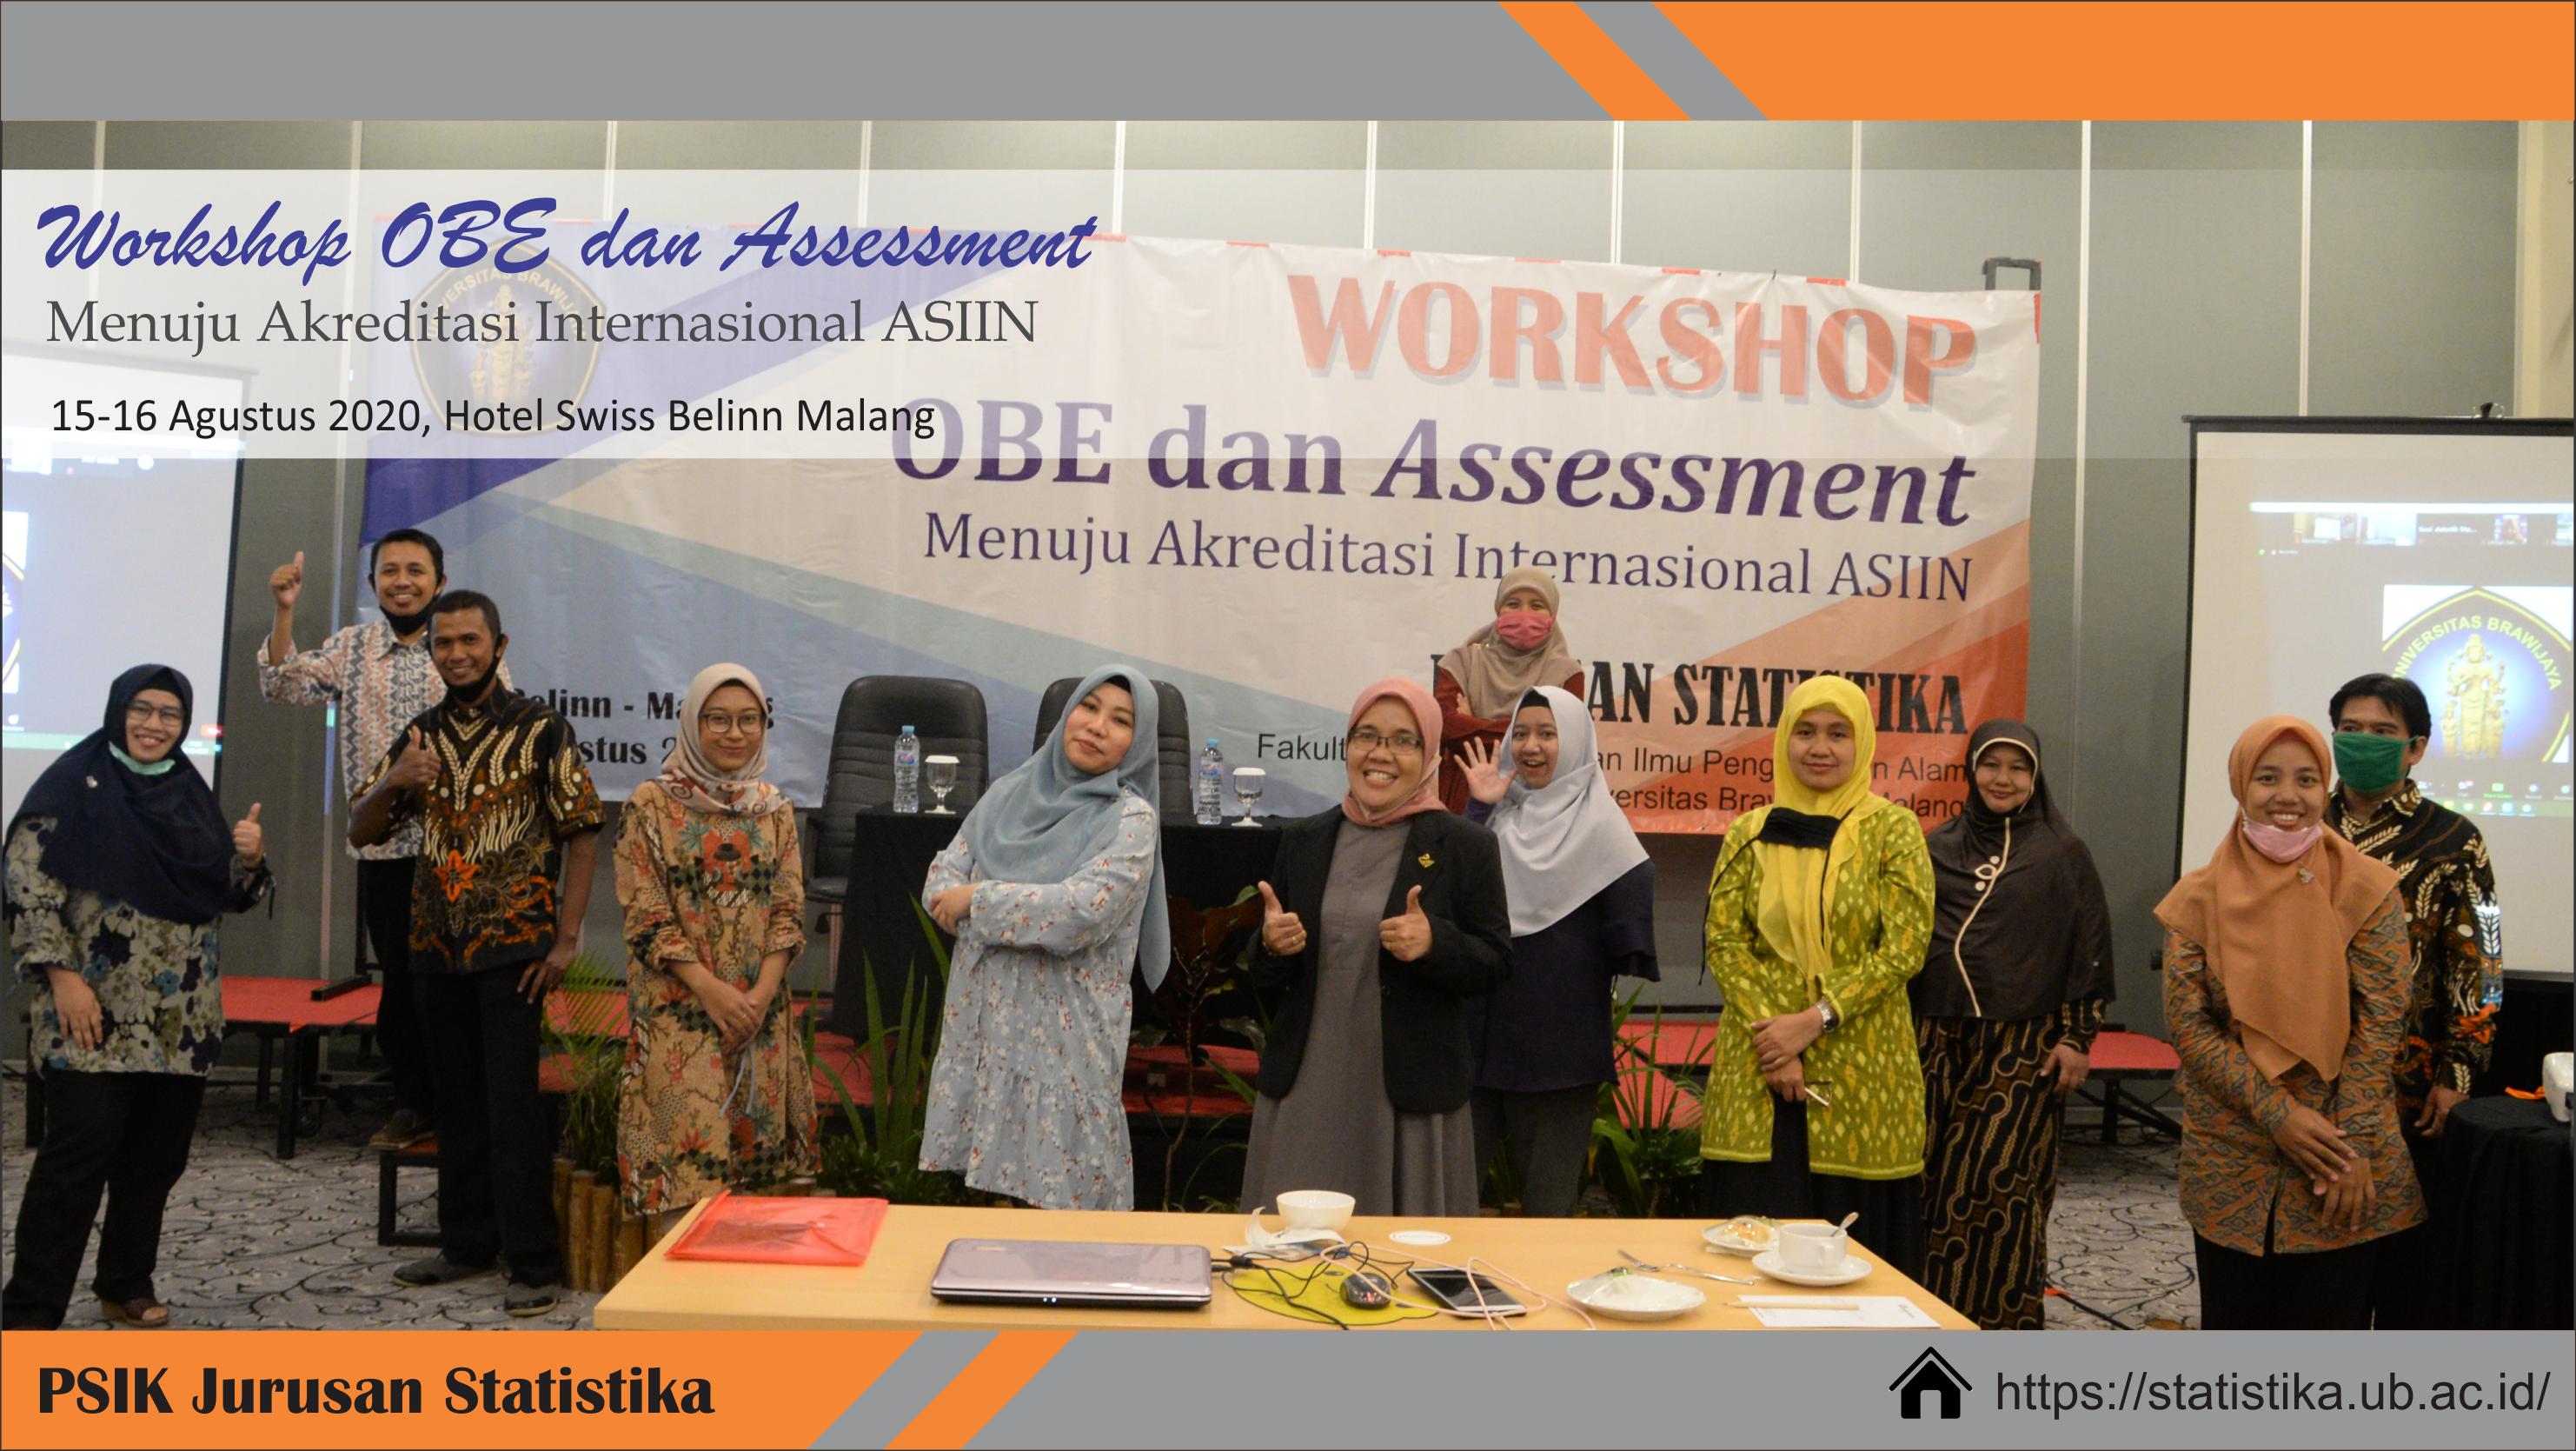 Workshop OBE dan Assessment Menuju Akreditasi Internasional ASIIN